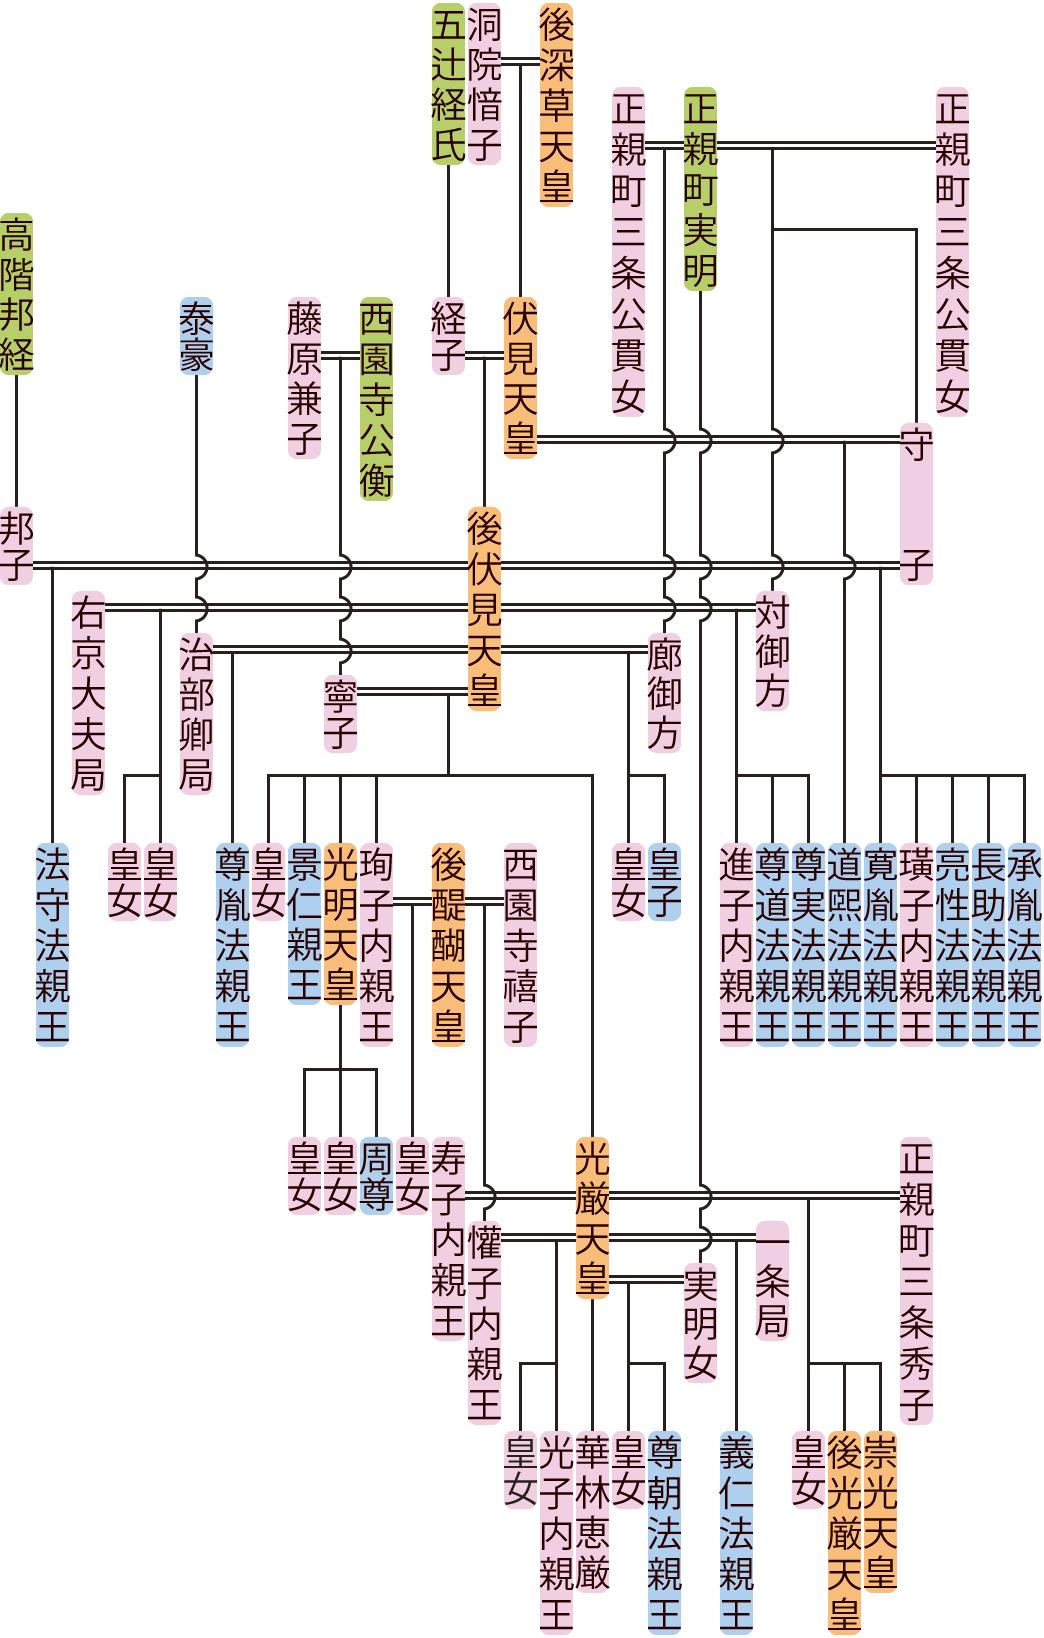 後伏見天皇の系図